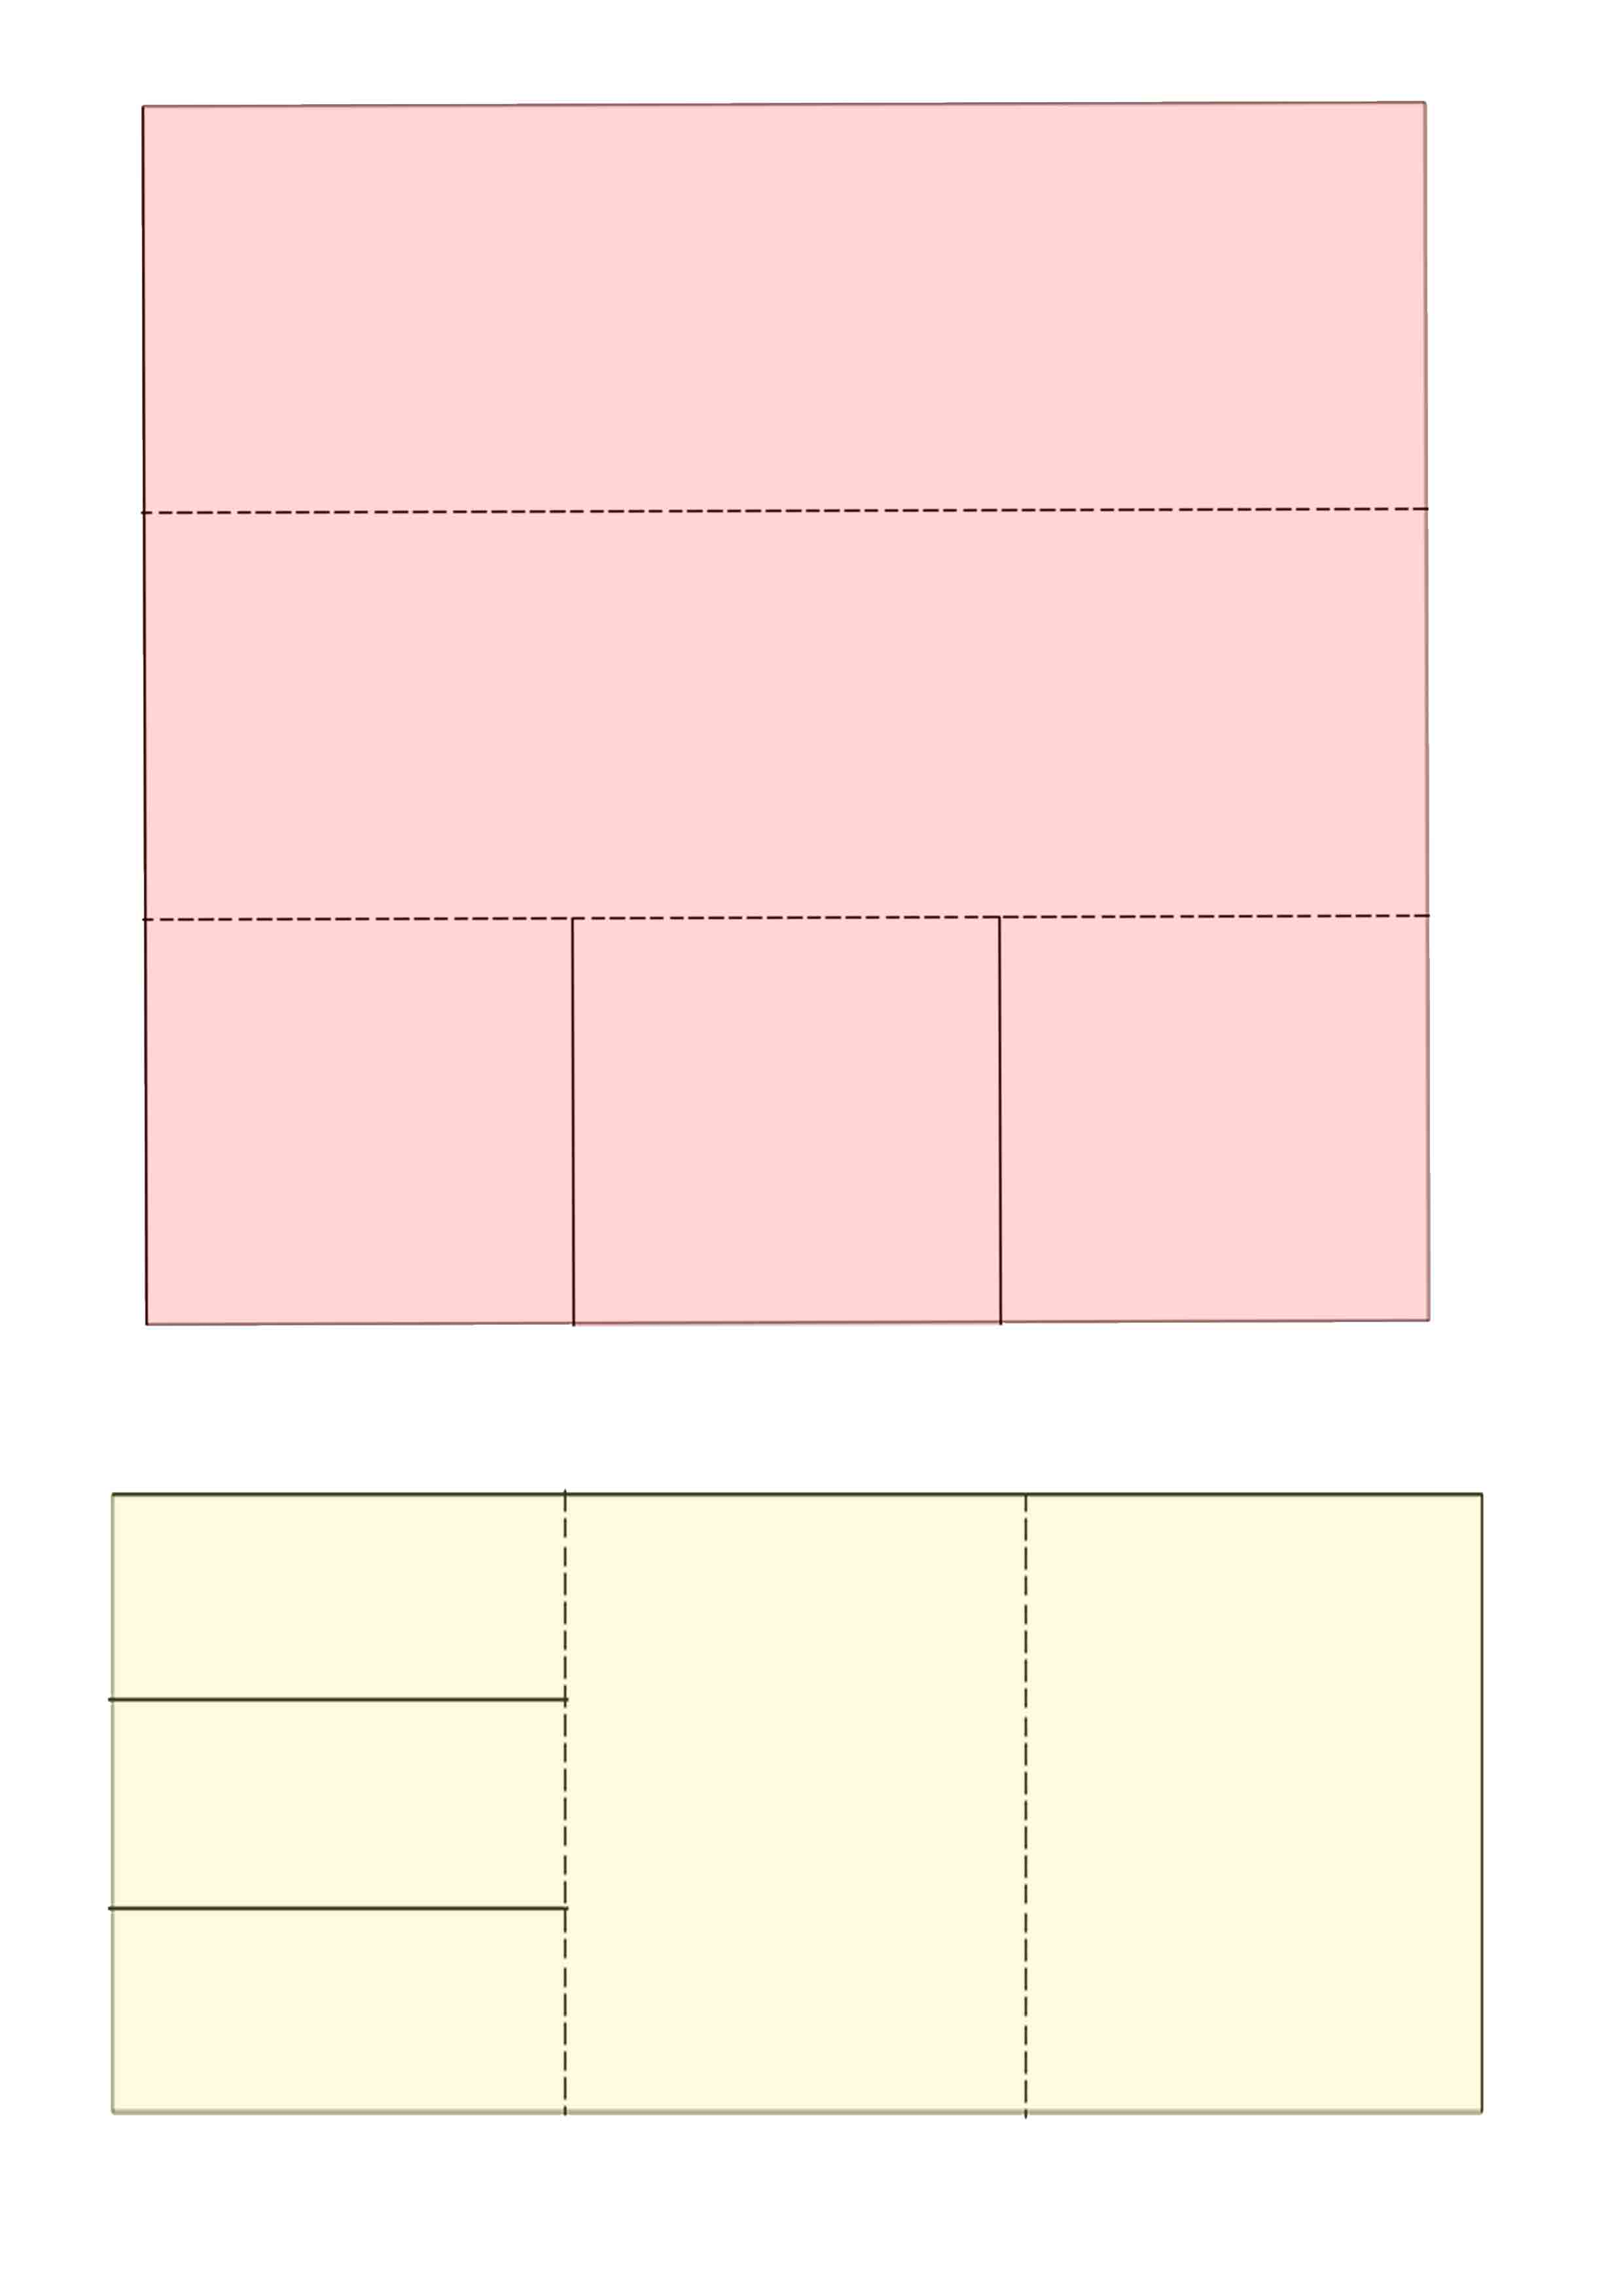 Как сделать кораблик из бумаги? Пошаговая инструкция 31